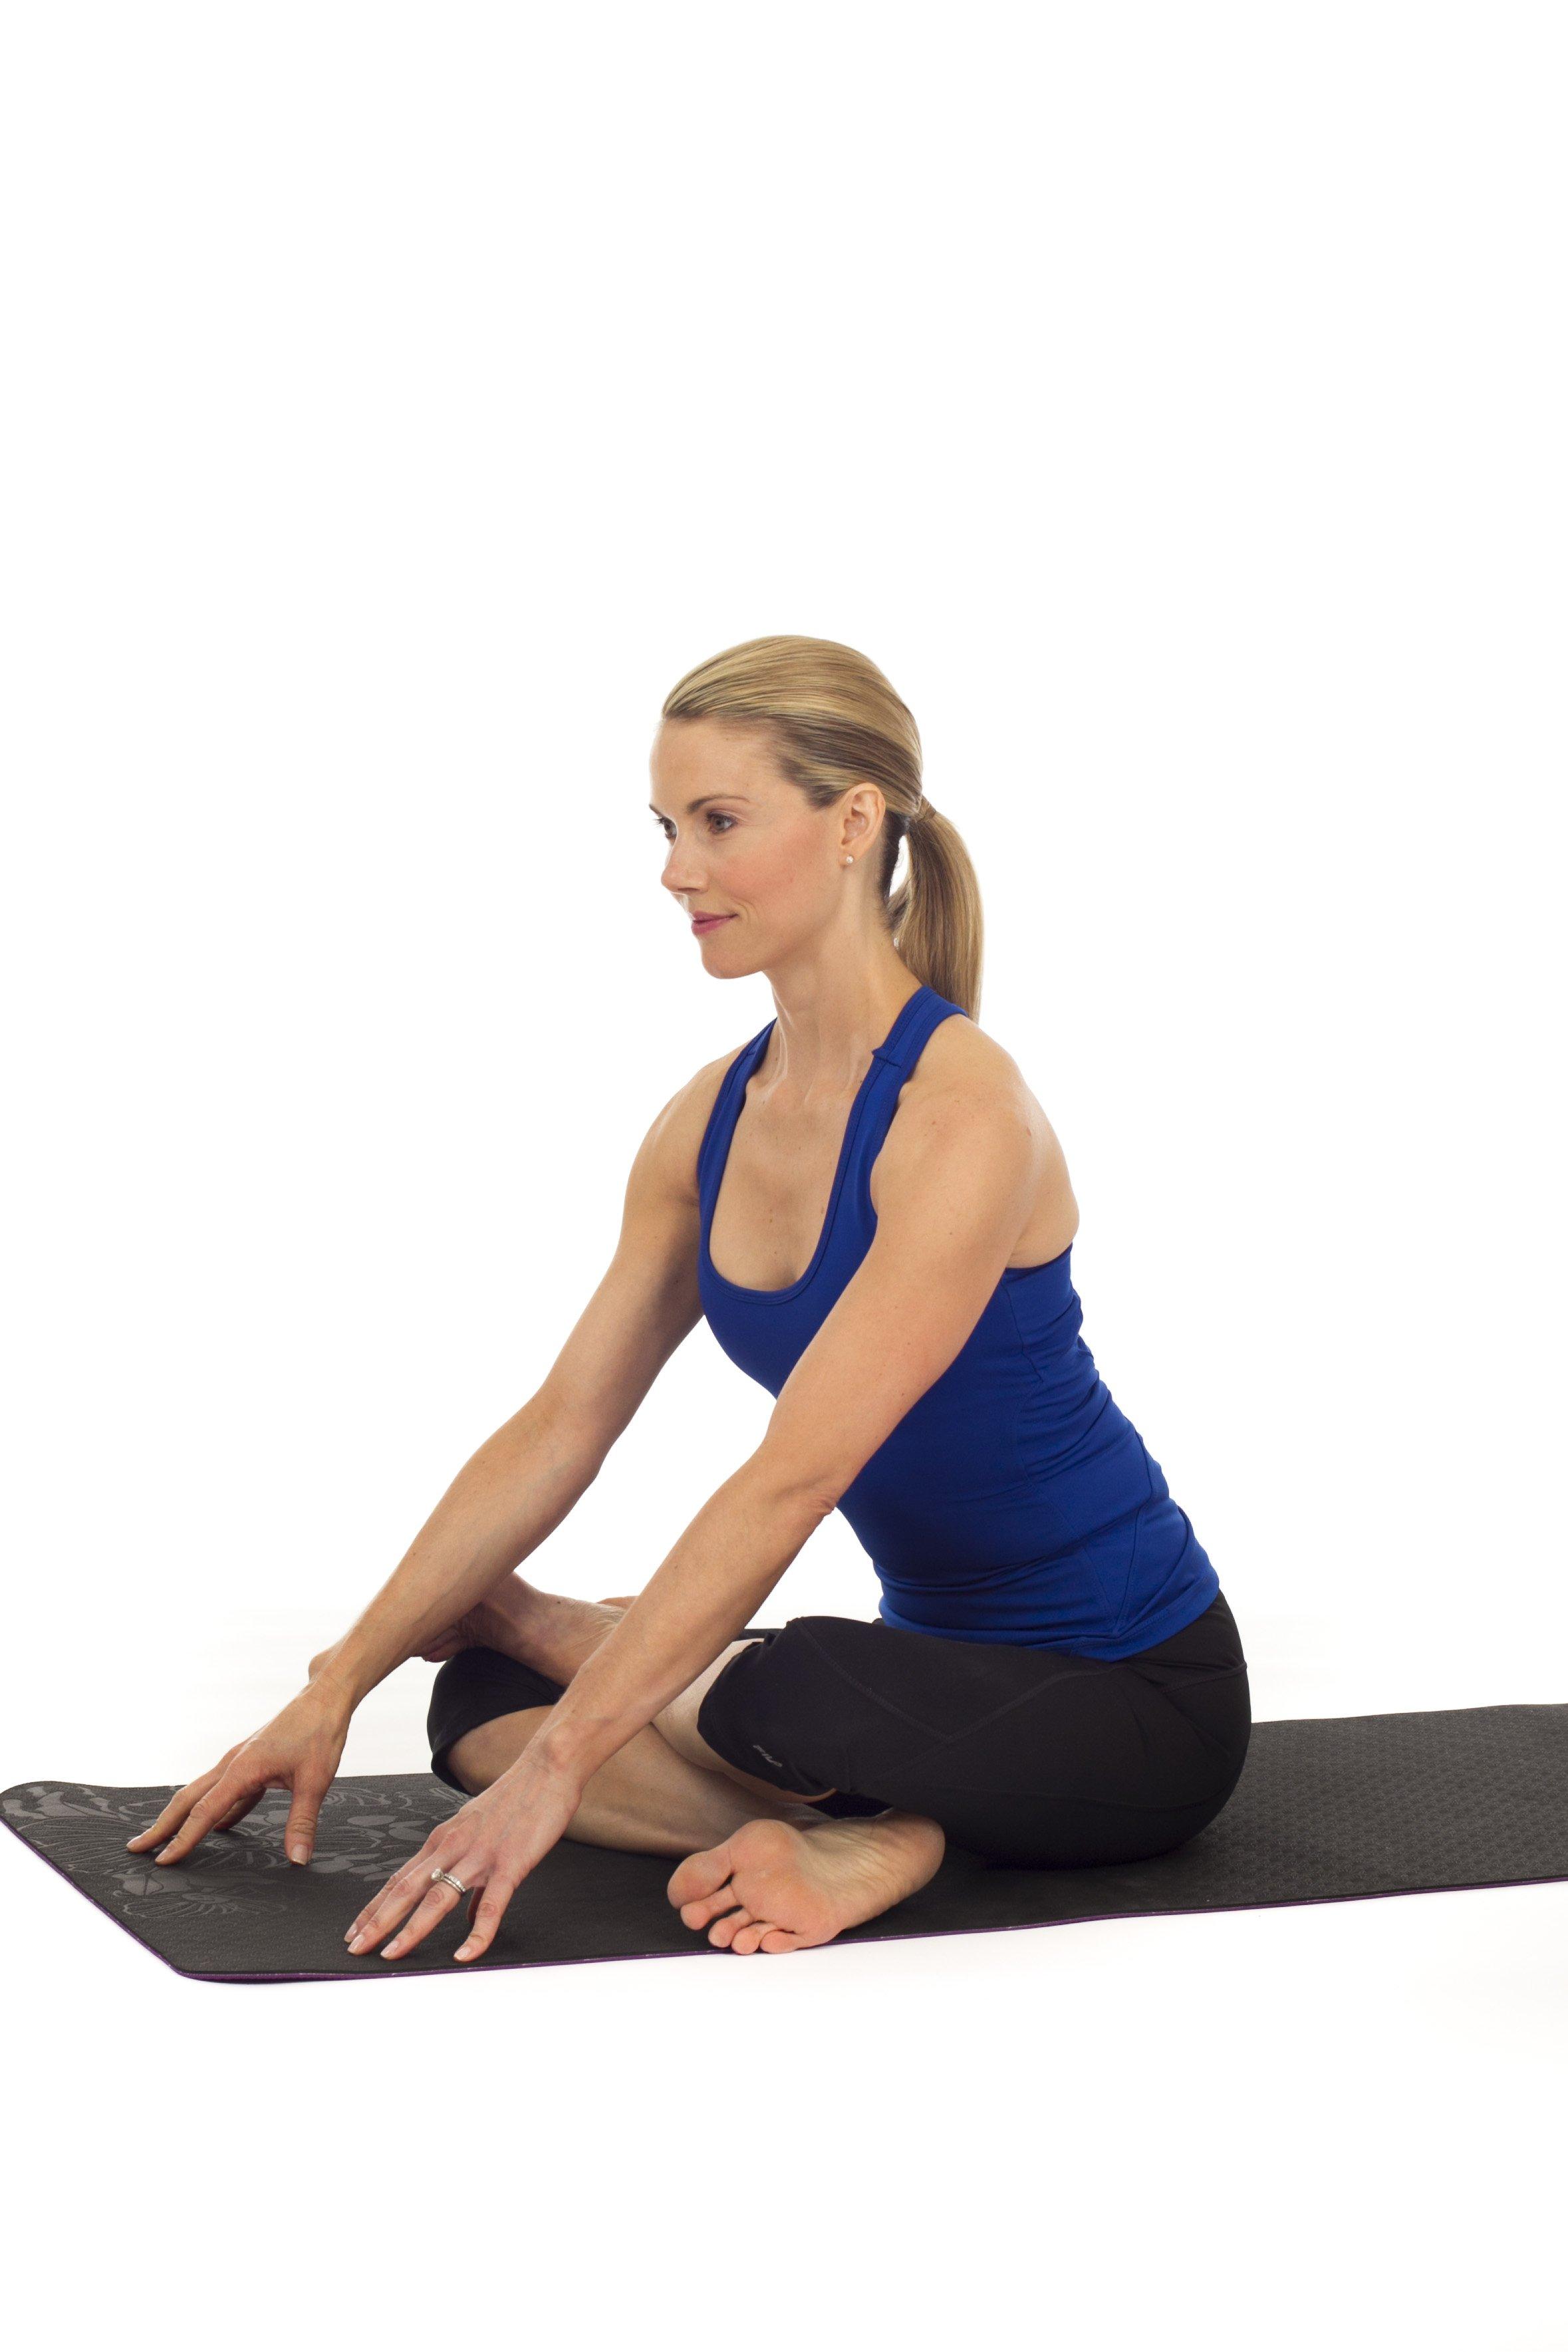 Yoga Poses Throughout Your Pregnancy Kristin Mcgee